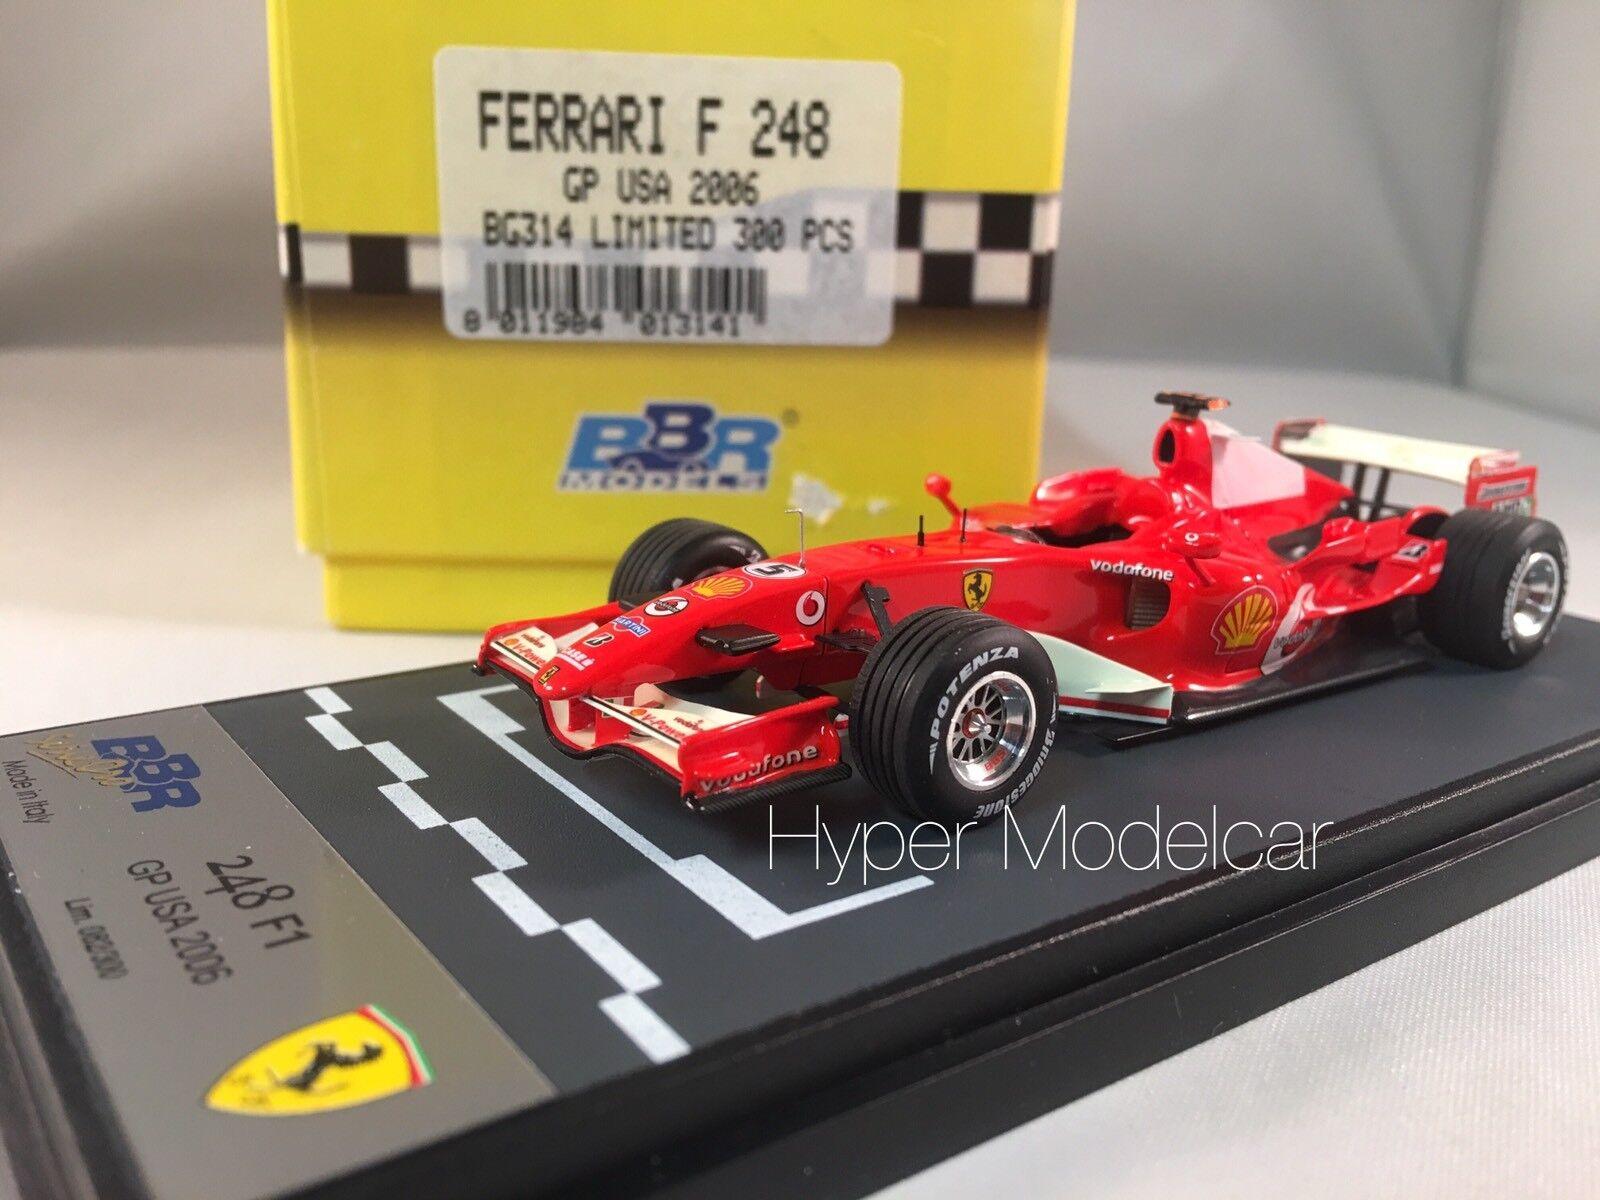 BBR Models 1 43 F1 Ferrari F 248  5 Gp Usa 2006 M. Schumacher BG214